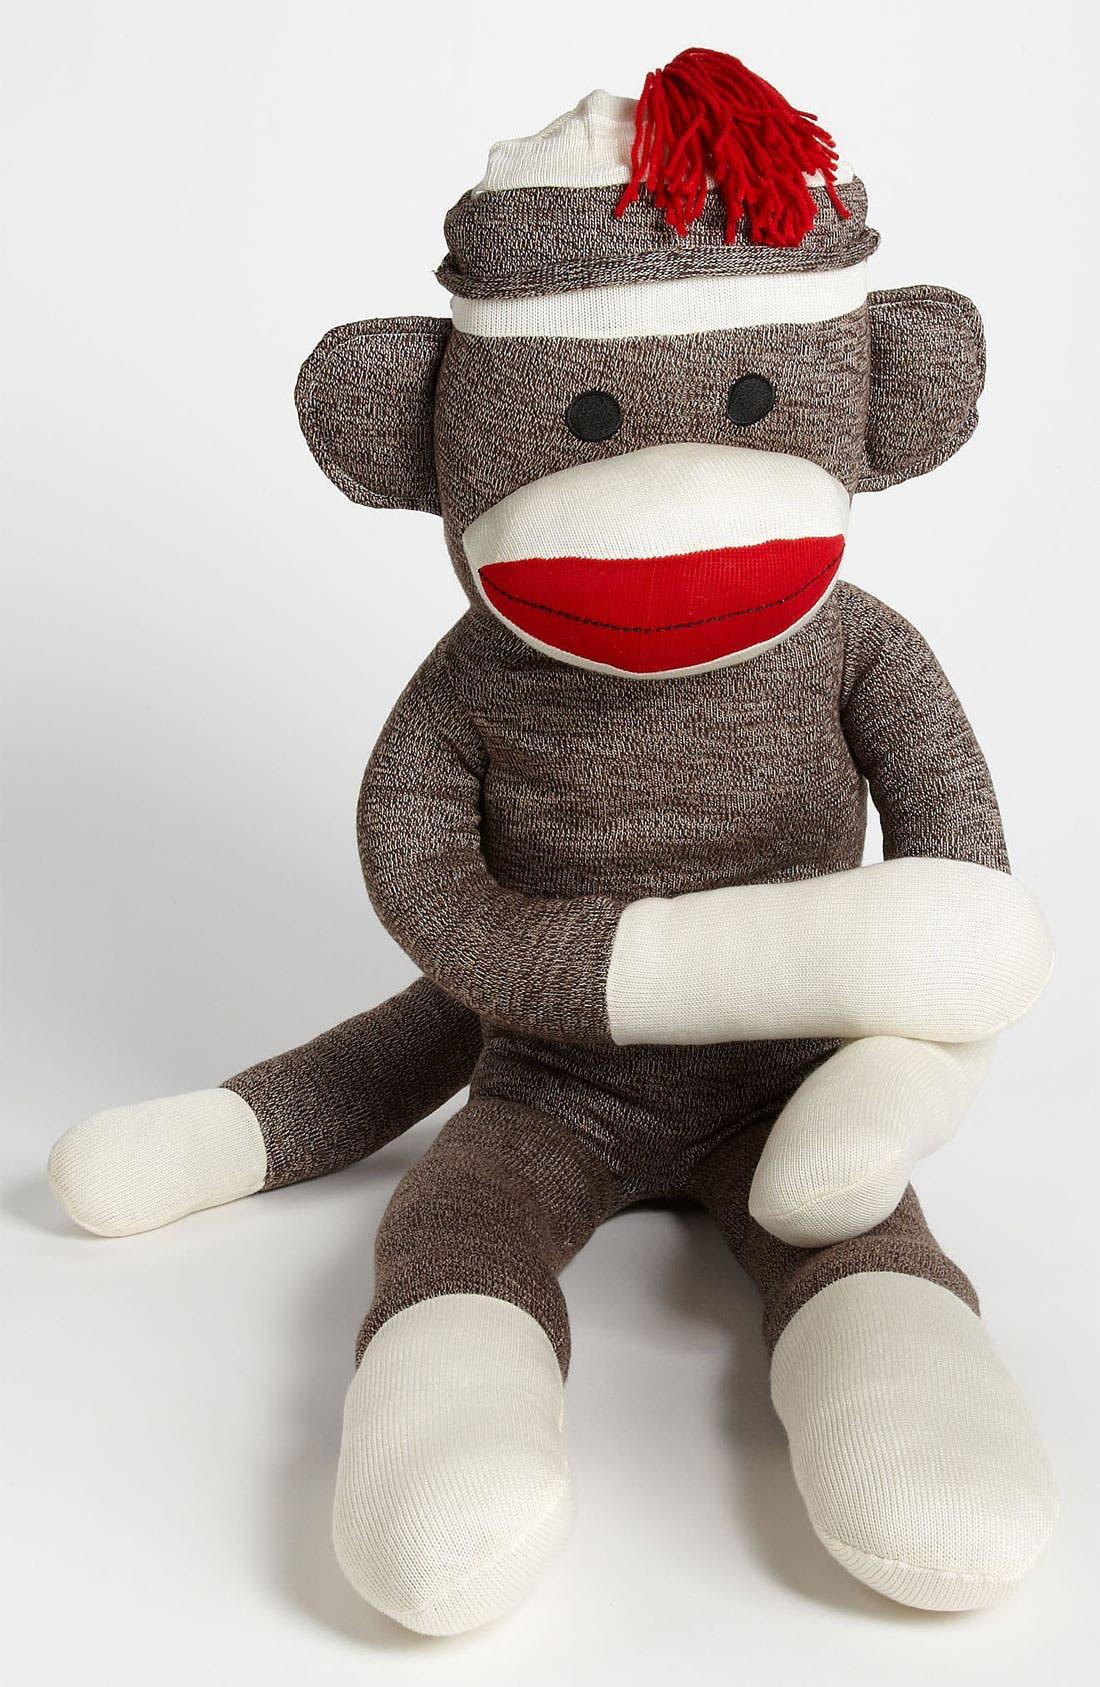 Alternate Image 1 Selected - Schylling Jumbo Sock Monkey Stuffed Animal